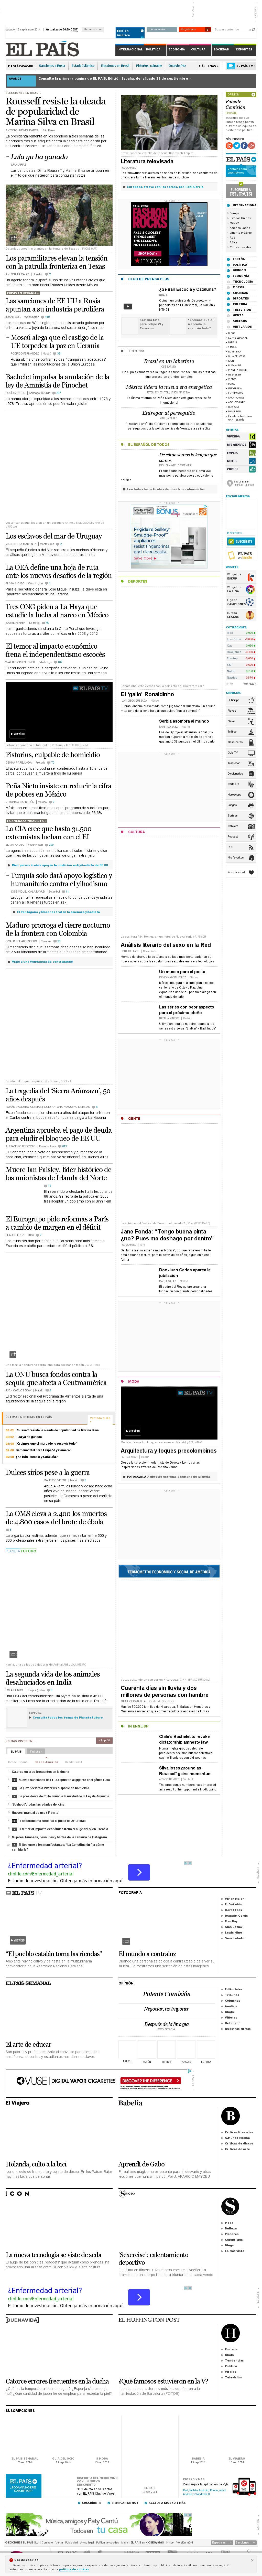 El Pais at Saturday Sept. 13, 2014, 5:12 a.m. UTC